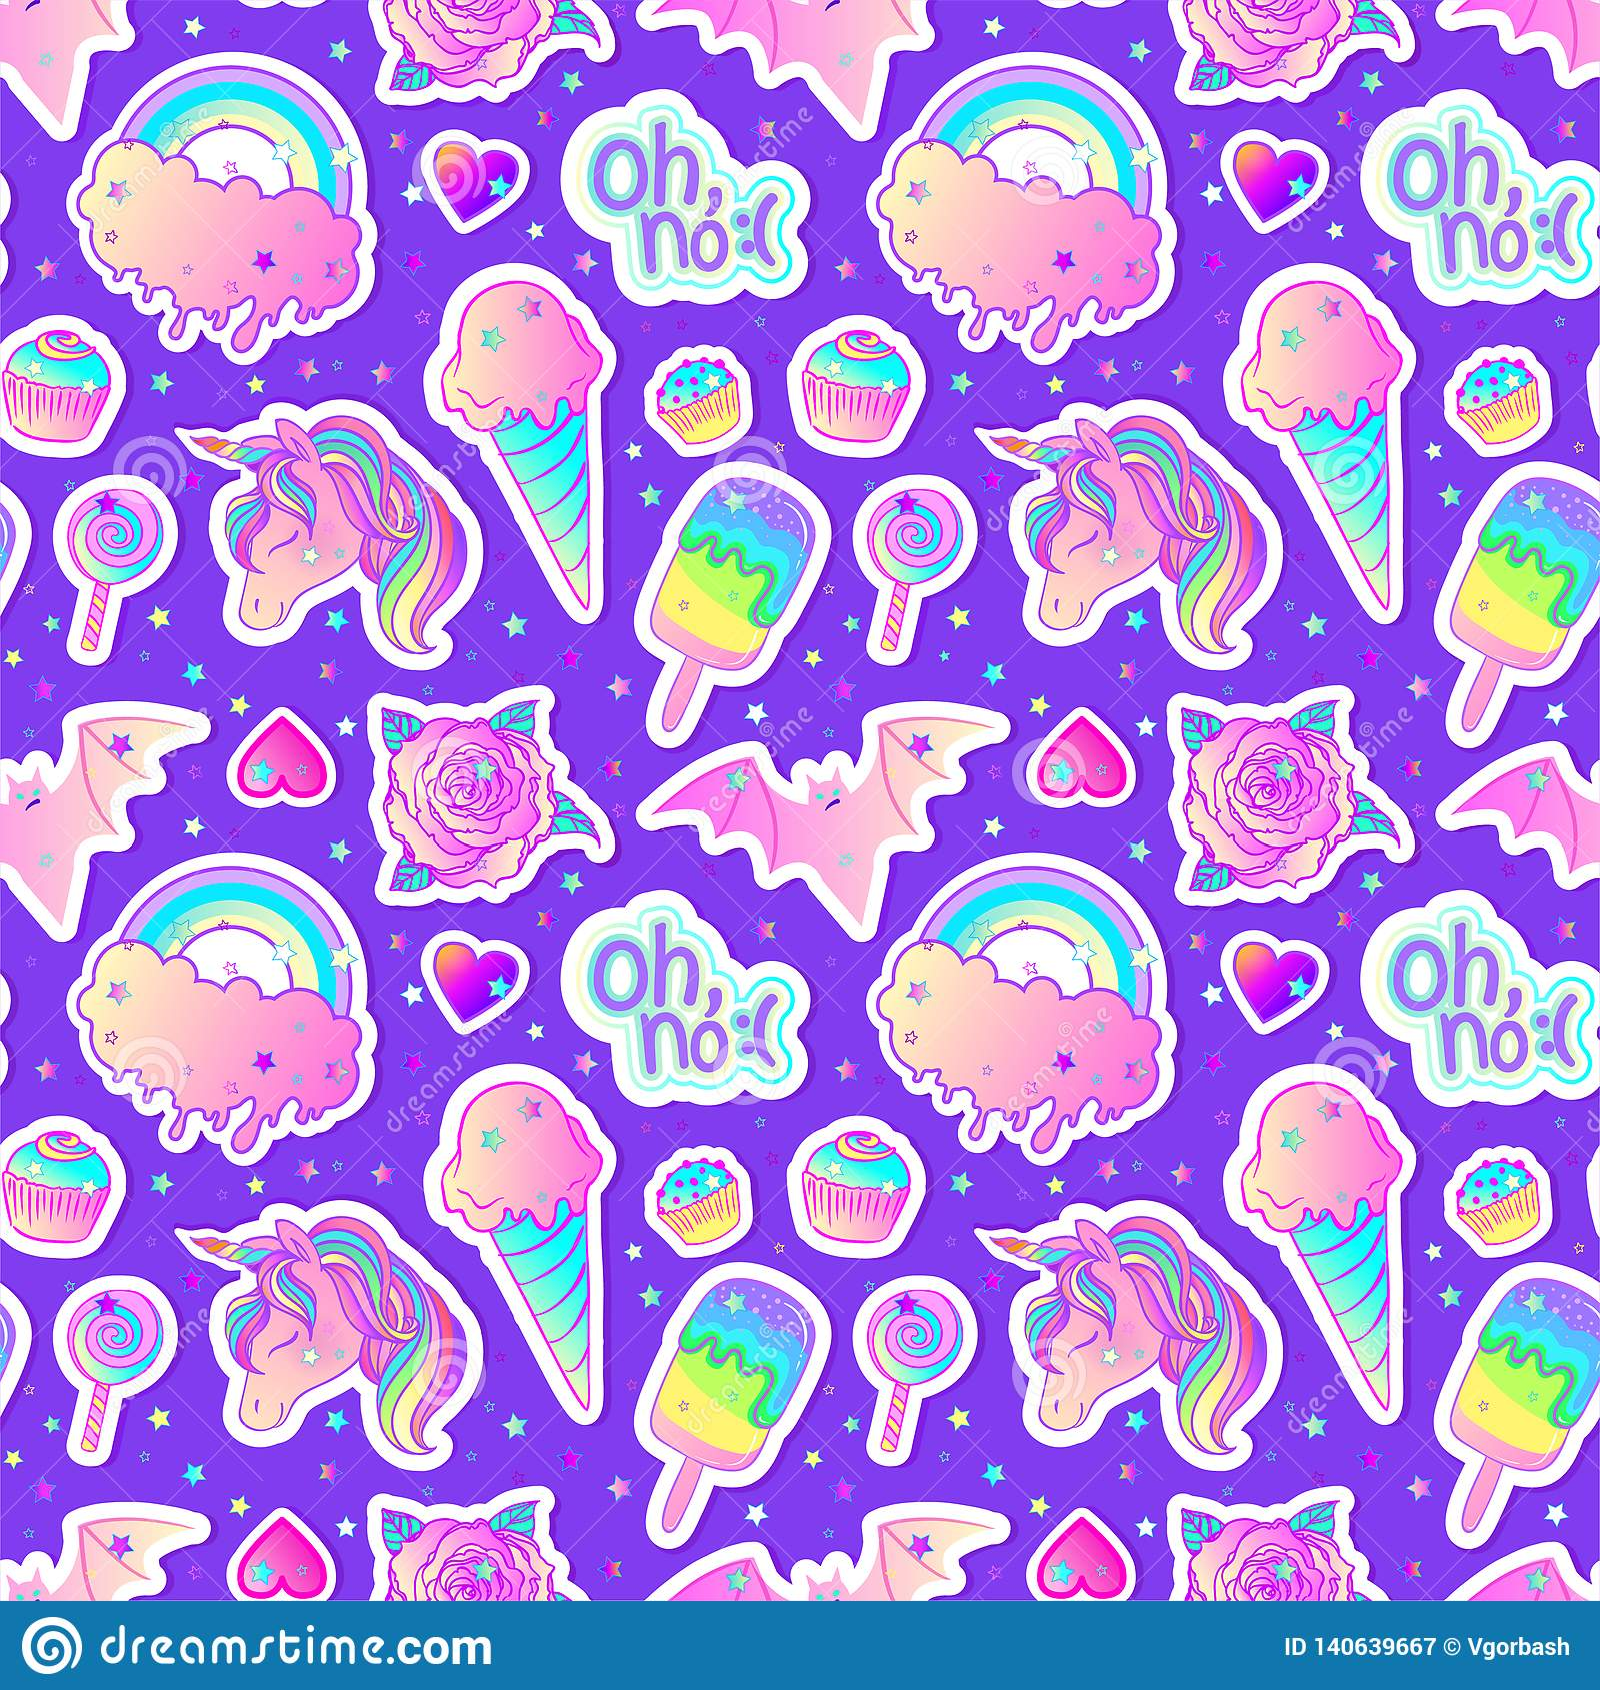 Modèle sans couture coloré : licorne, bonbons, arc-en-ciel, crème glacée, lucette, petit gâteau, rose, chauve-souris Illustration